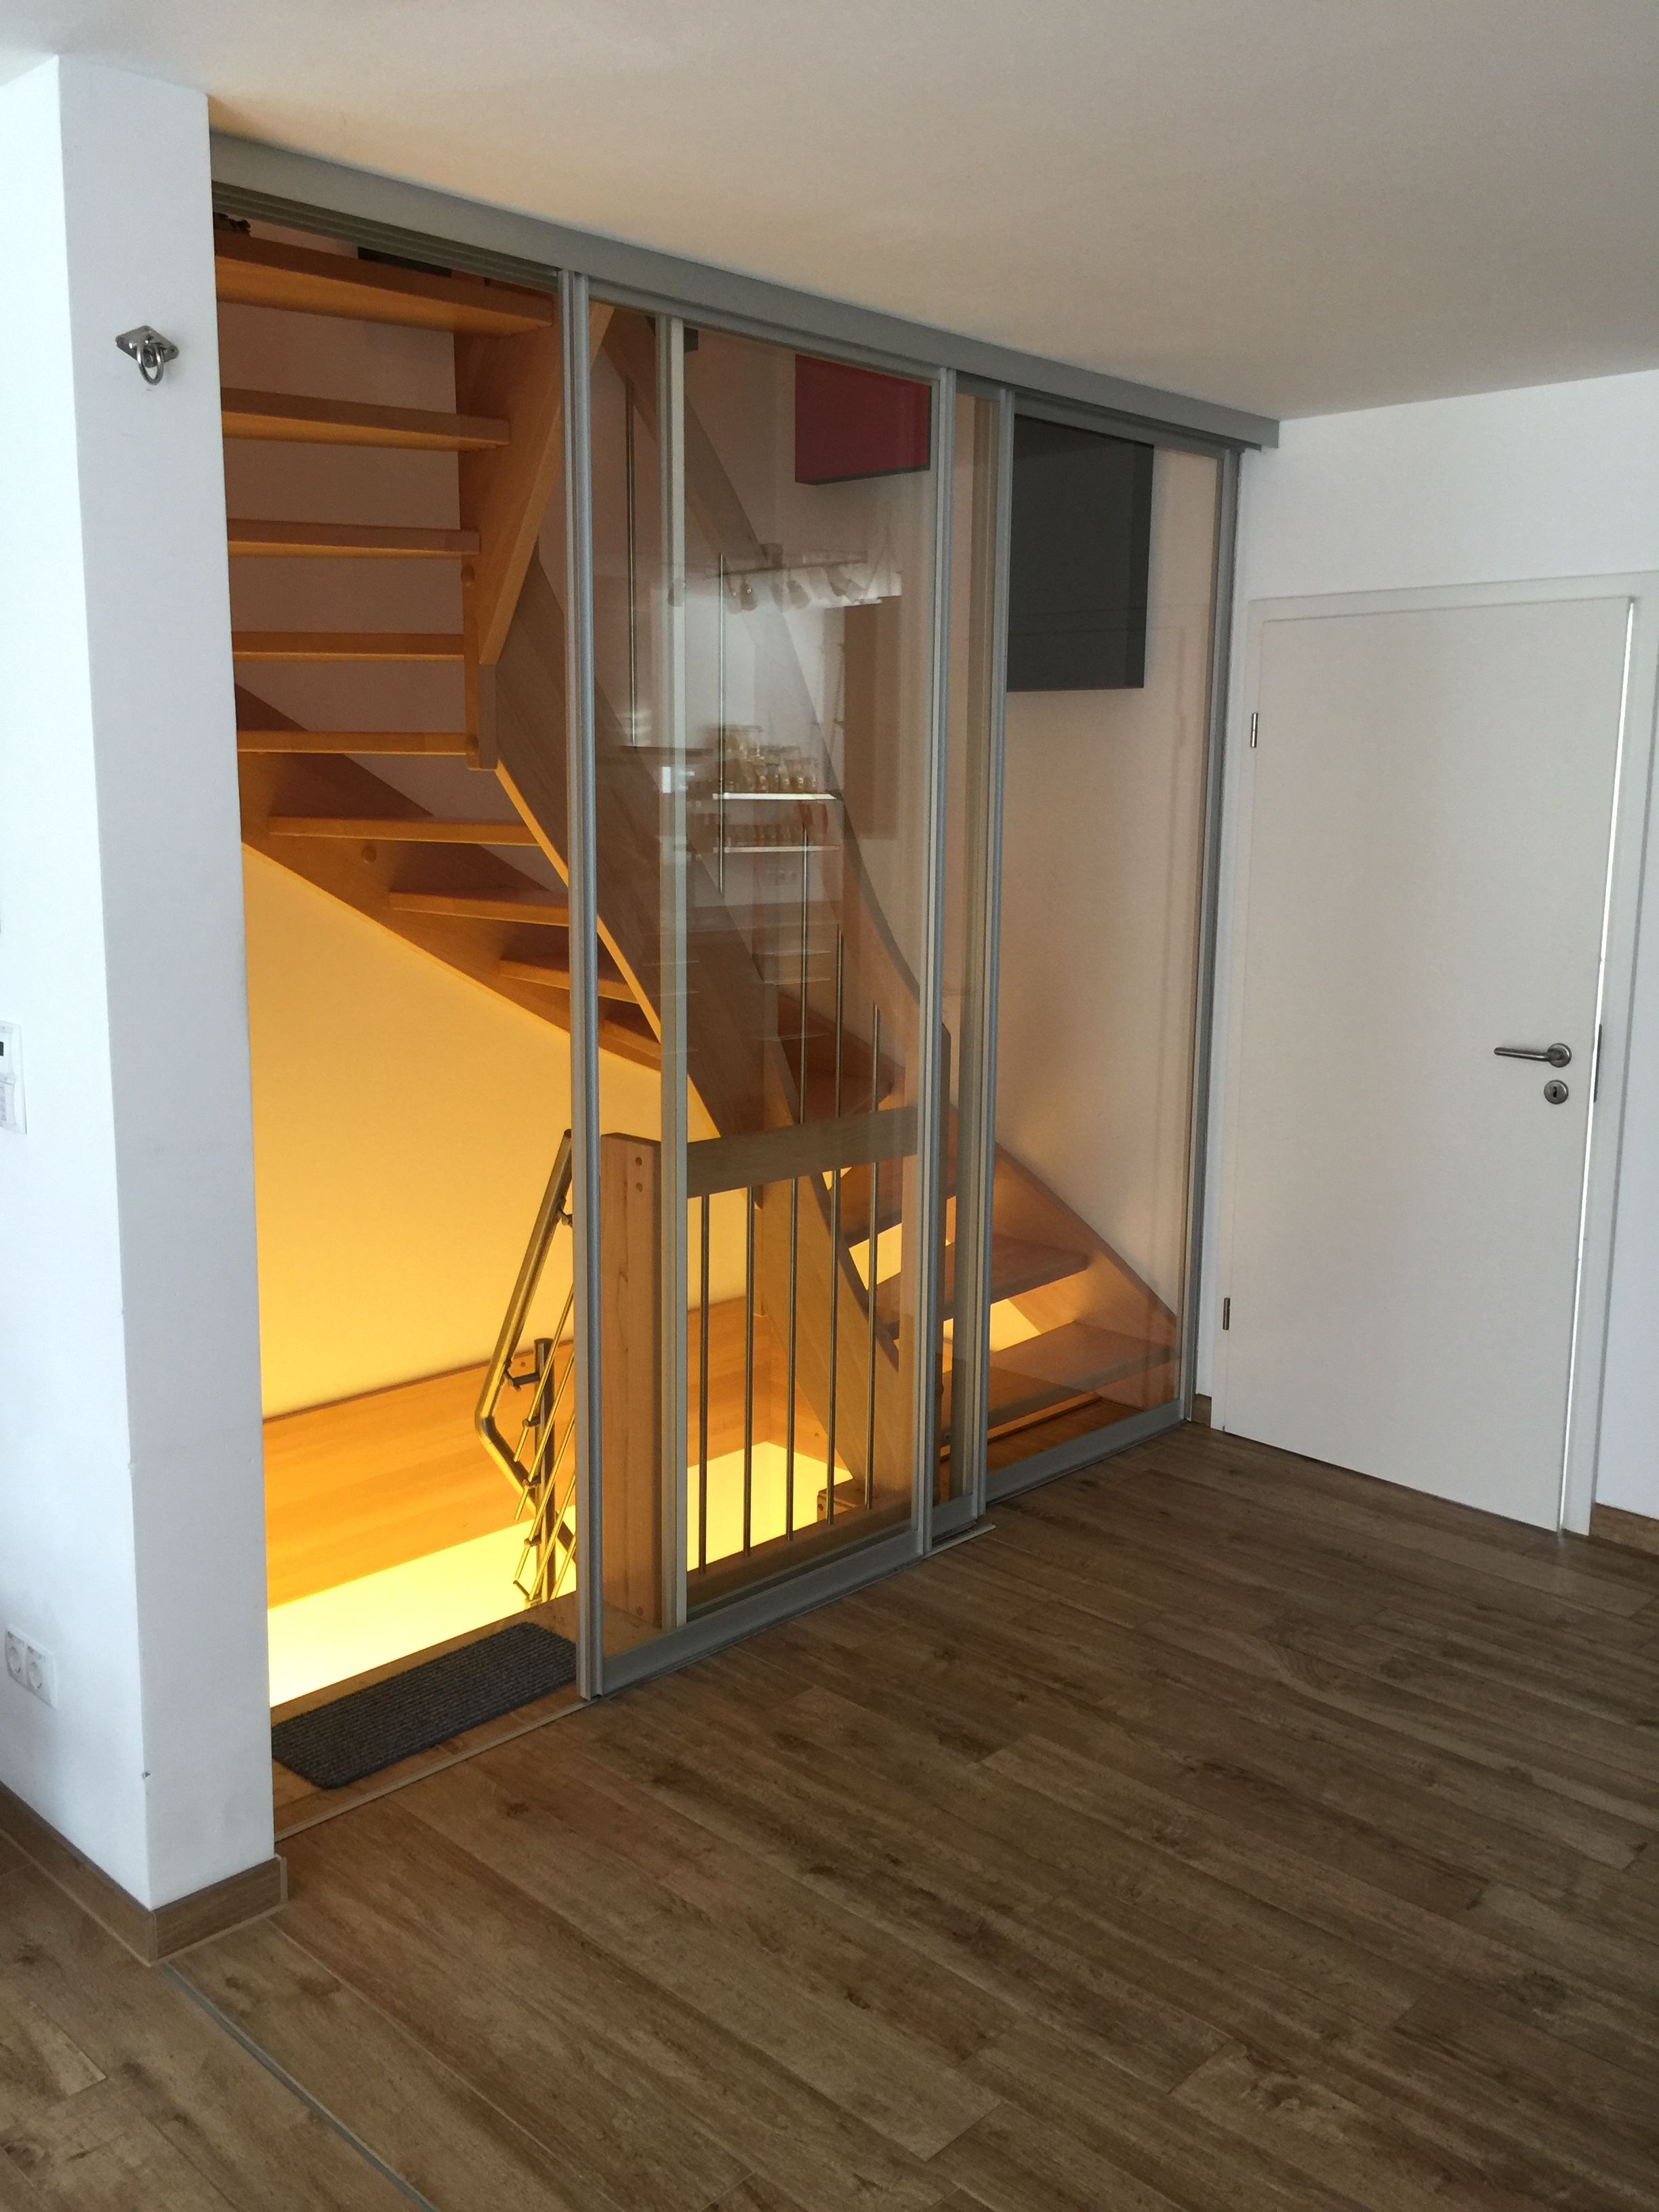 Schiebeturen Treppenhaus Abtrennung Von Door360 Mit Schallschutz Glas Aus Munchen Treppe Haus Treppenhaus Treppe